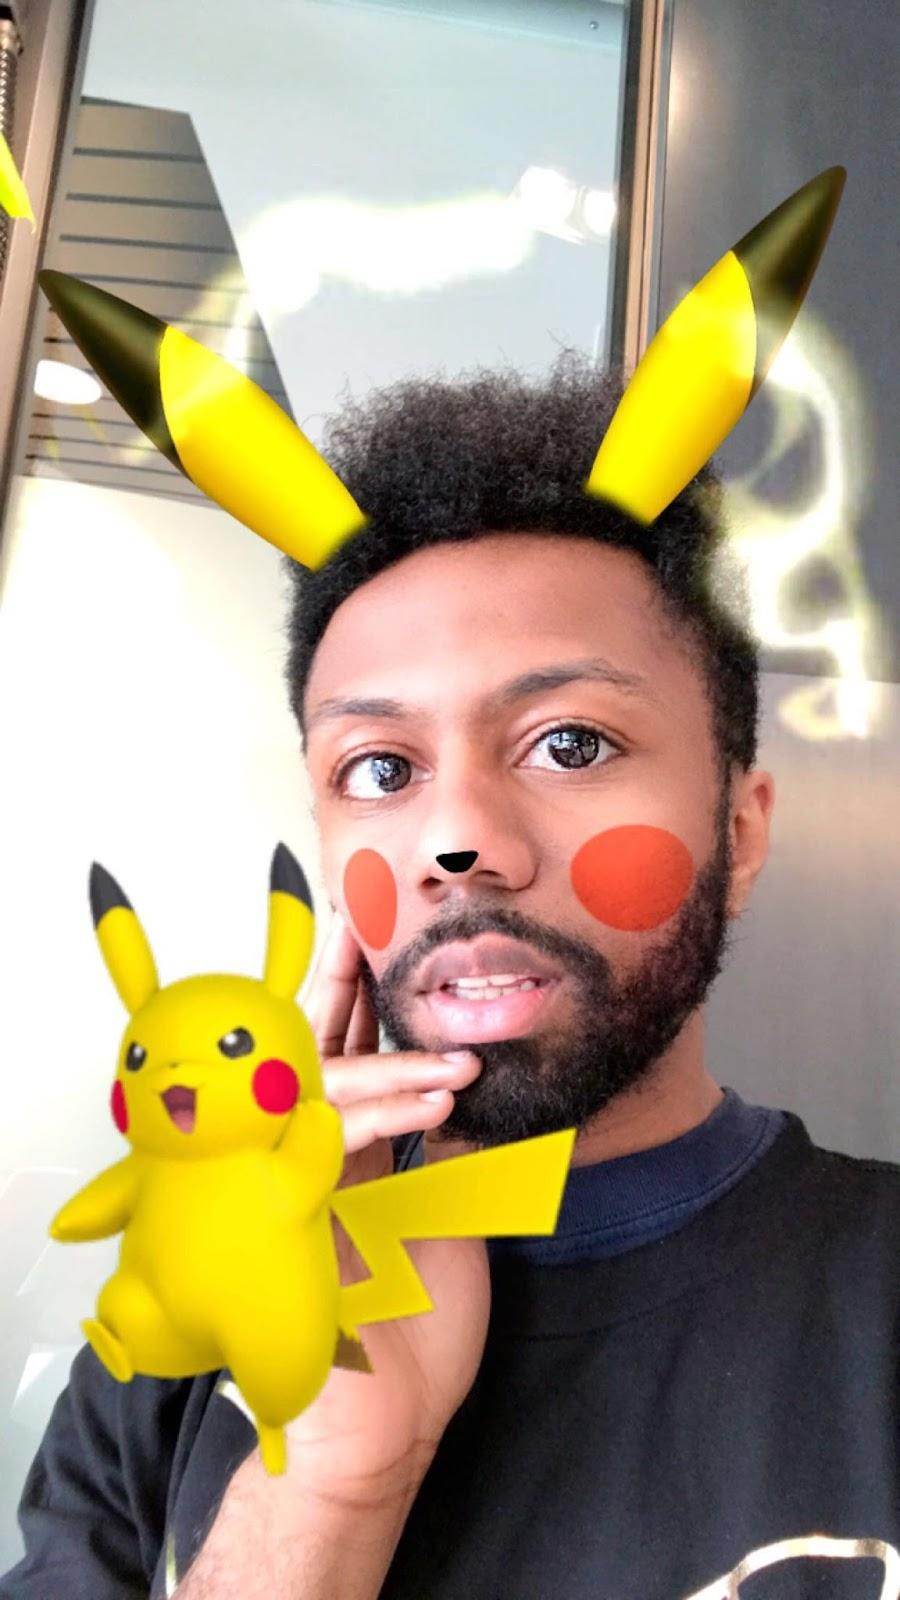 Pokémon llega a Snapchat con lente